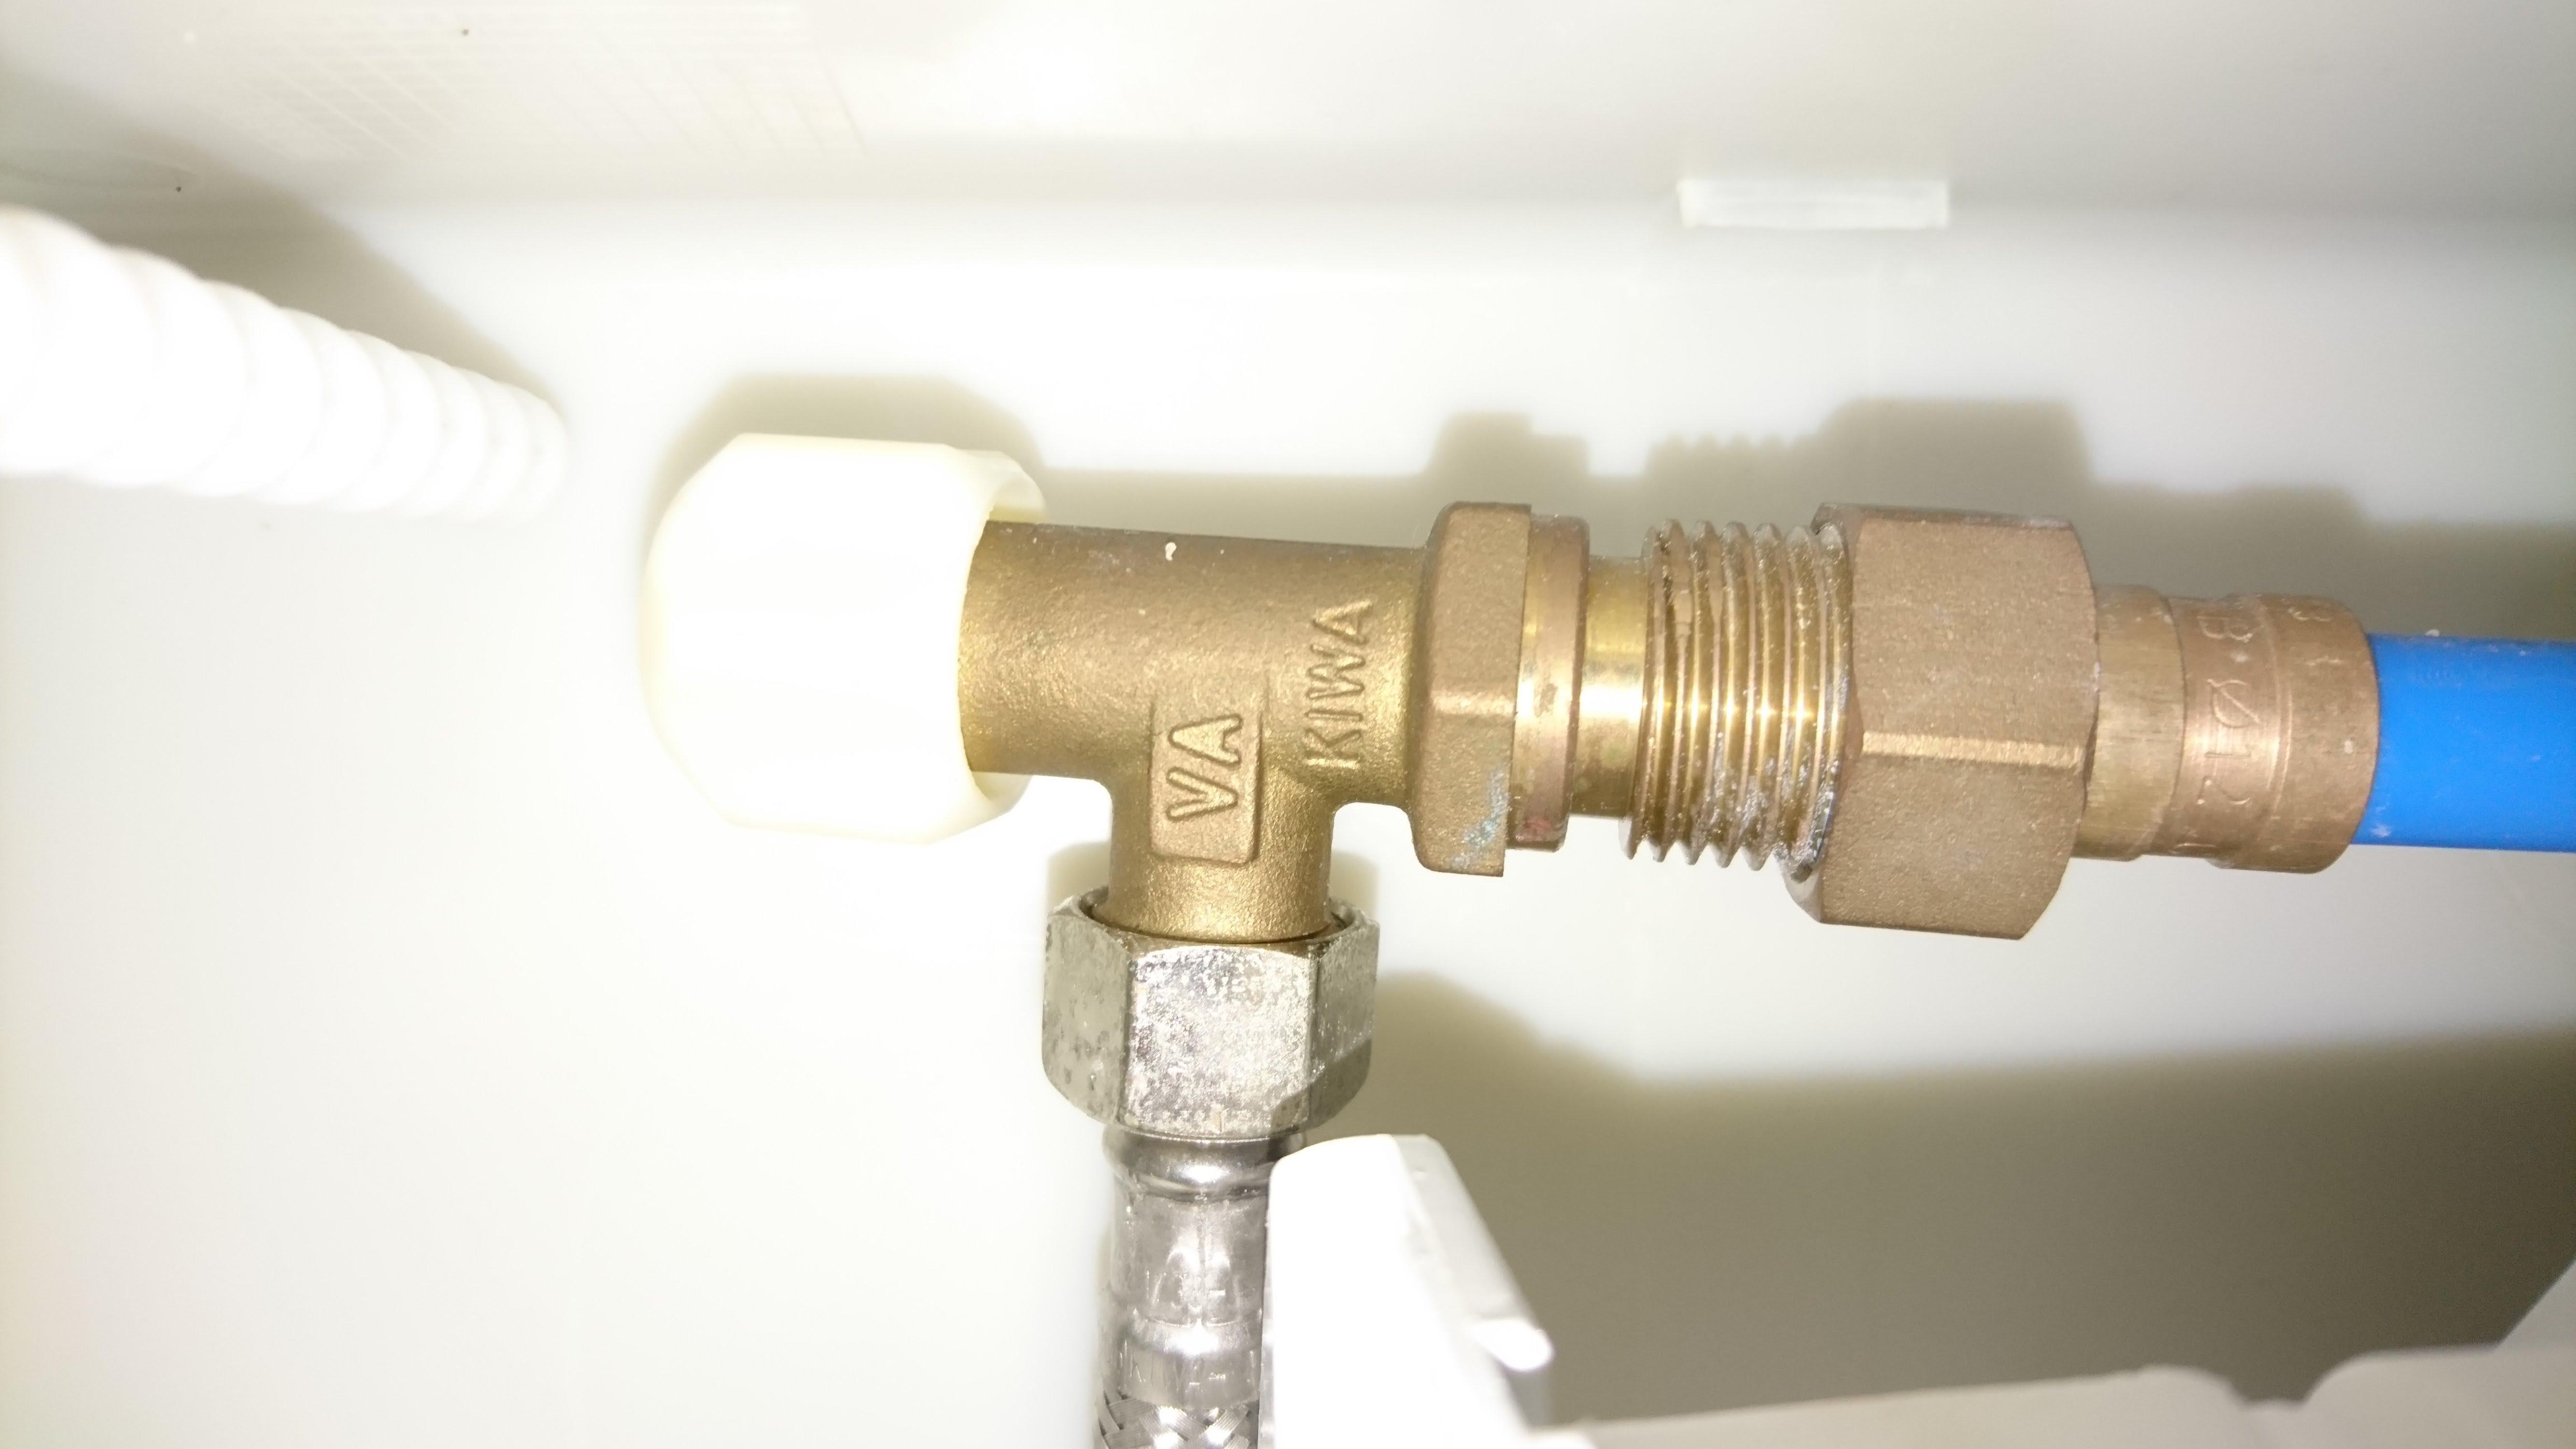 Wc suspendus chasse d 39 eau qui coule notre maison rt2012 par trecobat - Demonter une chasse d eau ...